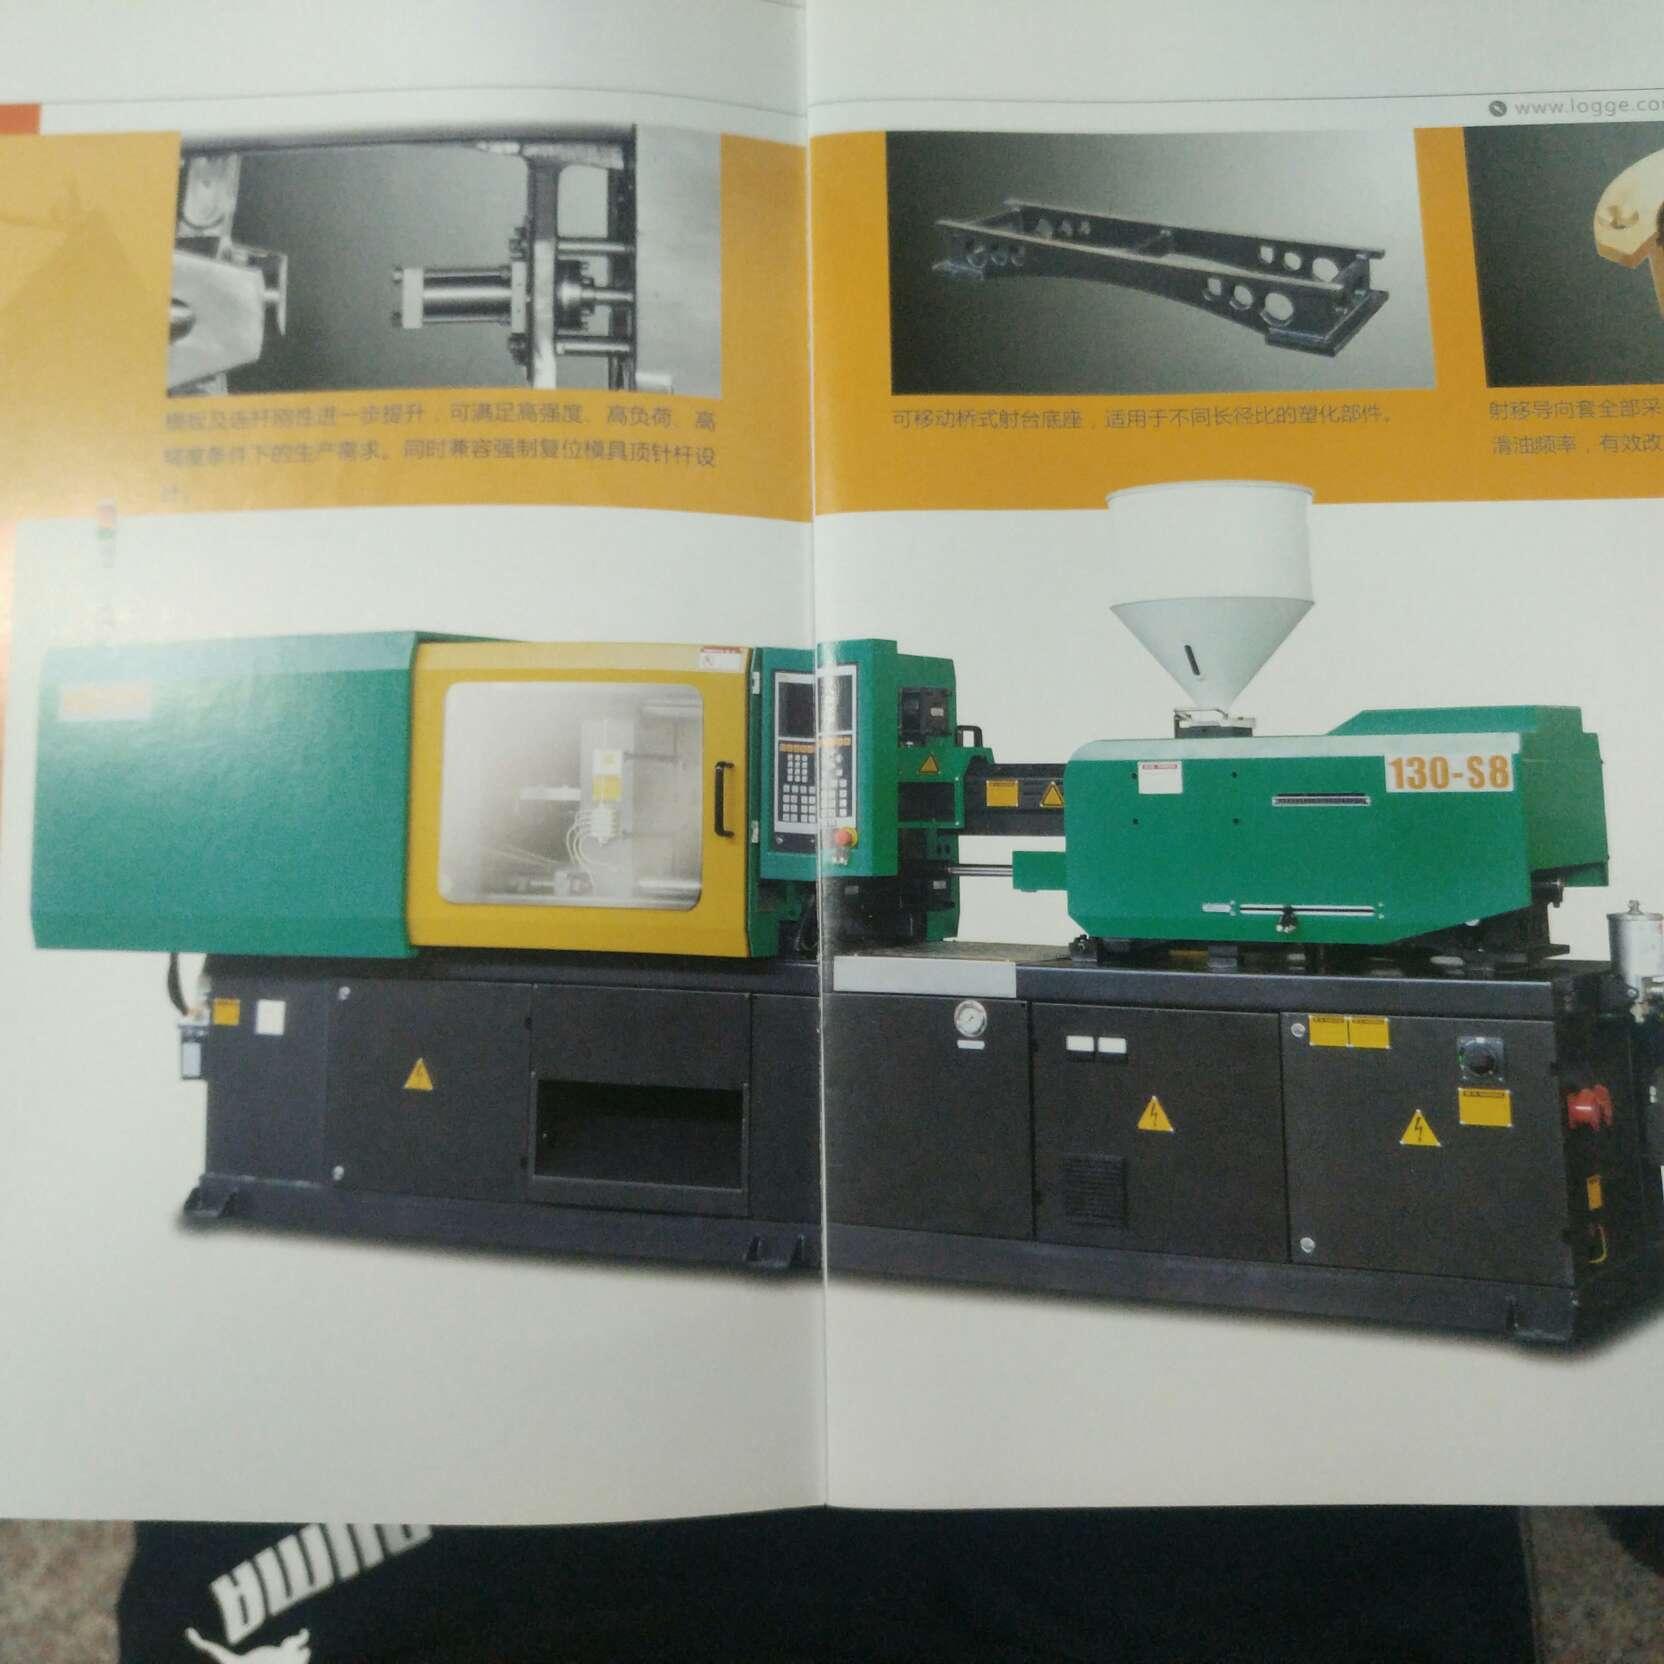 郎格塑机 伺服系列注塑机 详细面议 130-S8